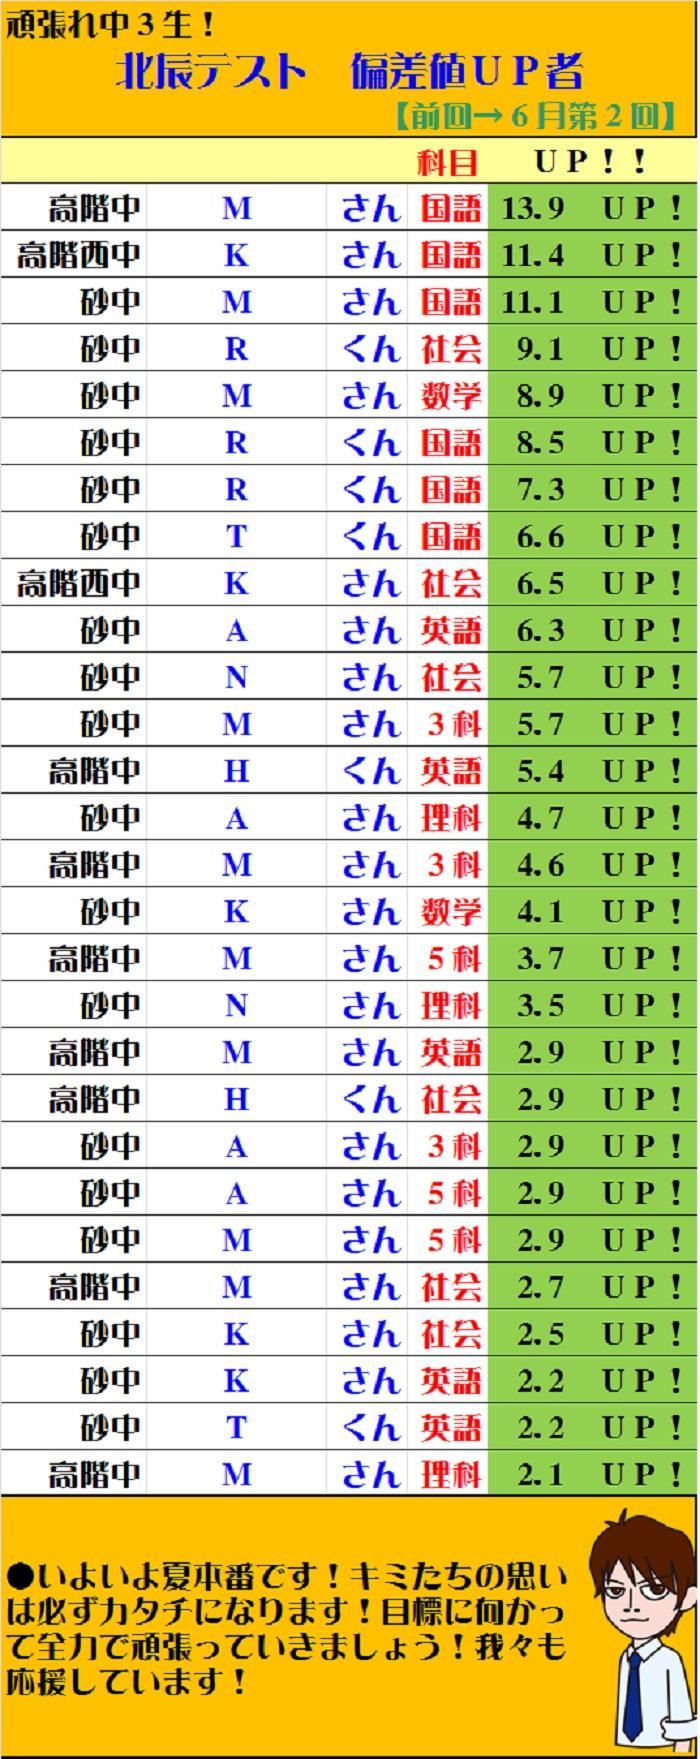 【学習塾トーゼミ 新河岸校】6月北辰テスト 偏差値アップ!